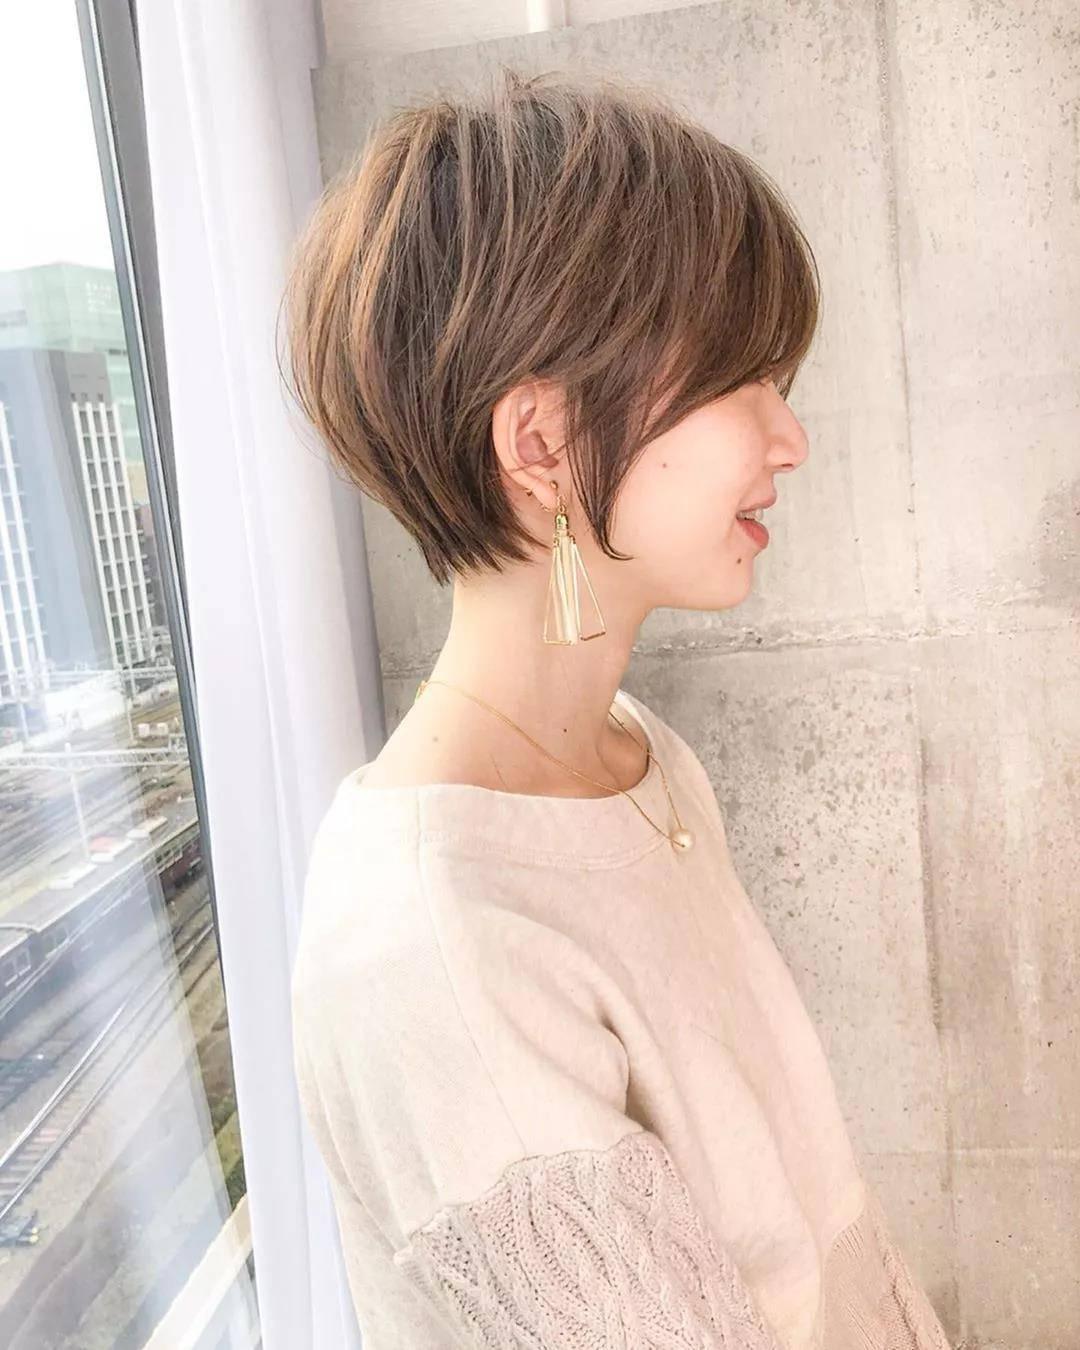 30一40岁女人发型短发最新流行减龄气质发型!